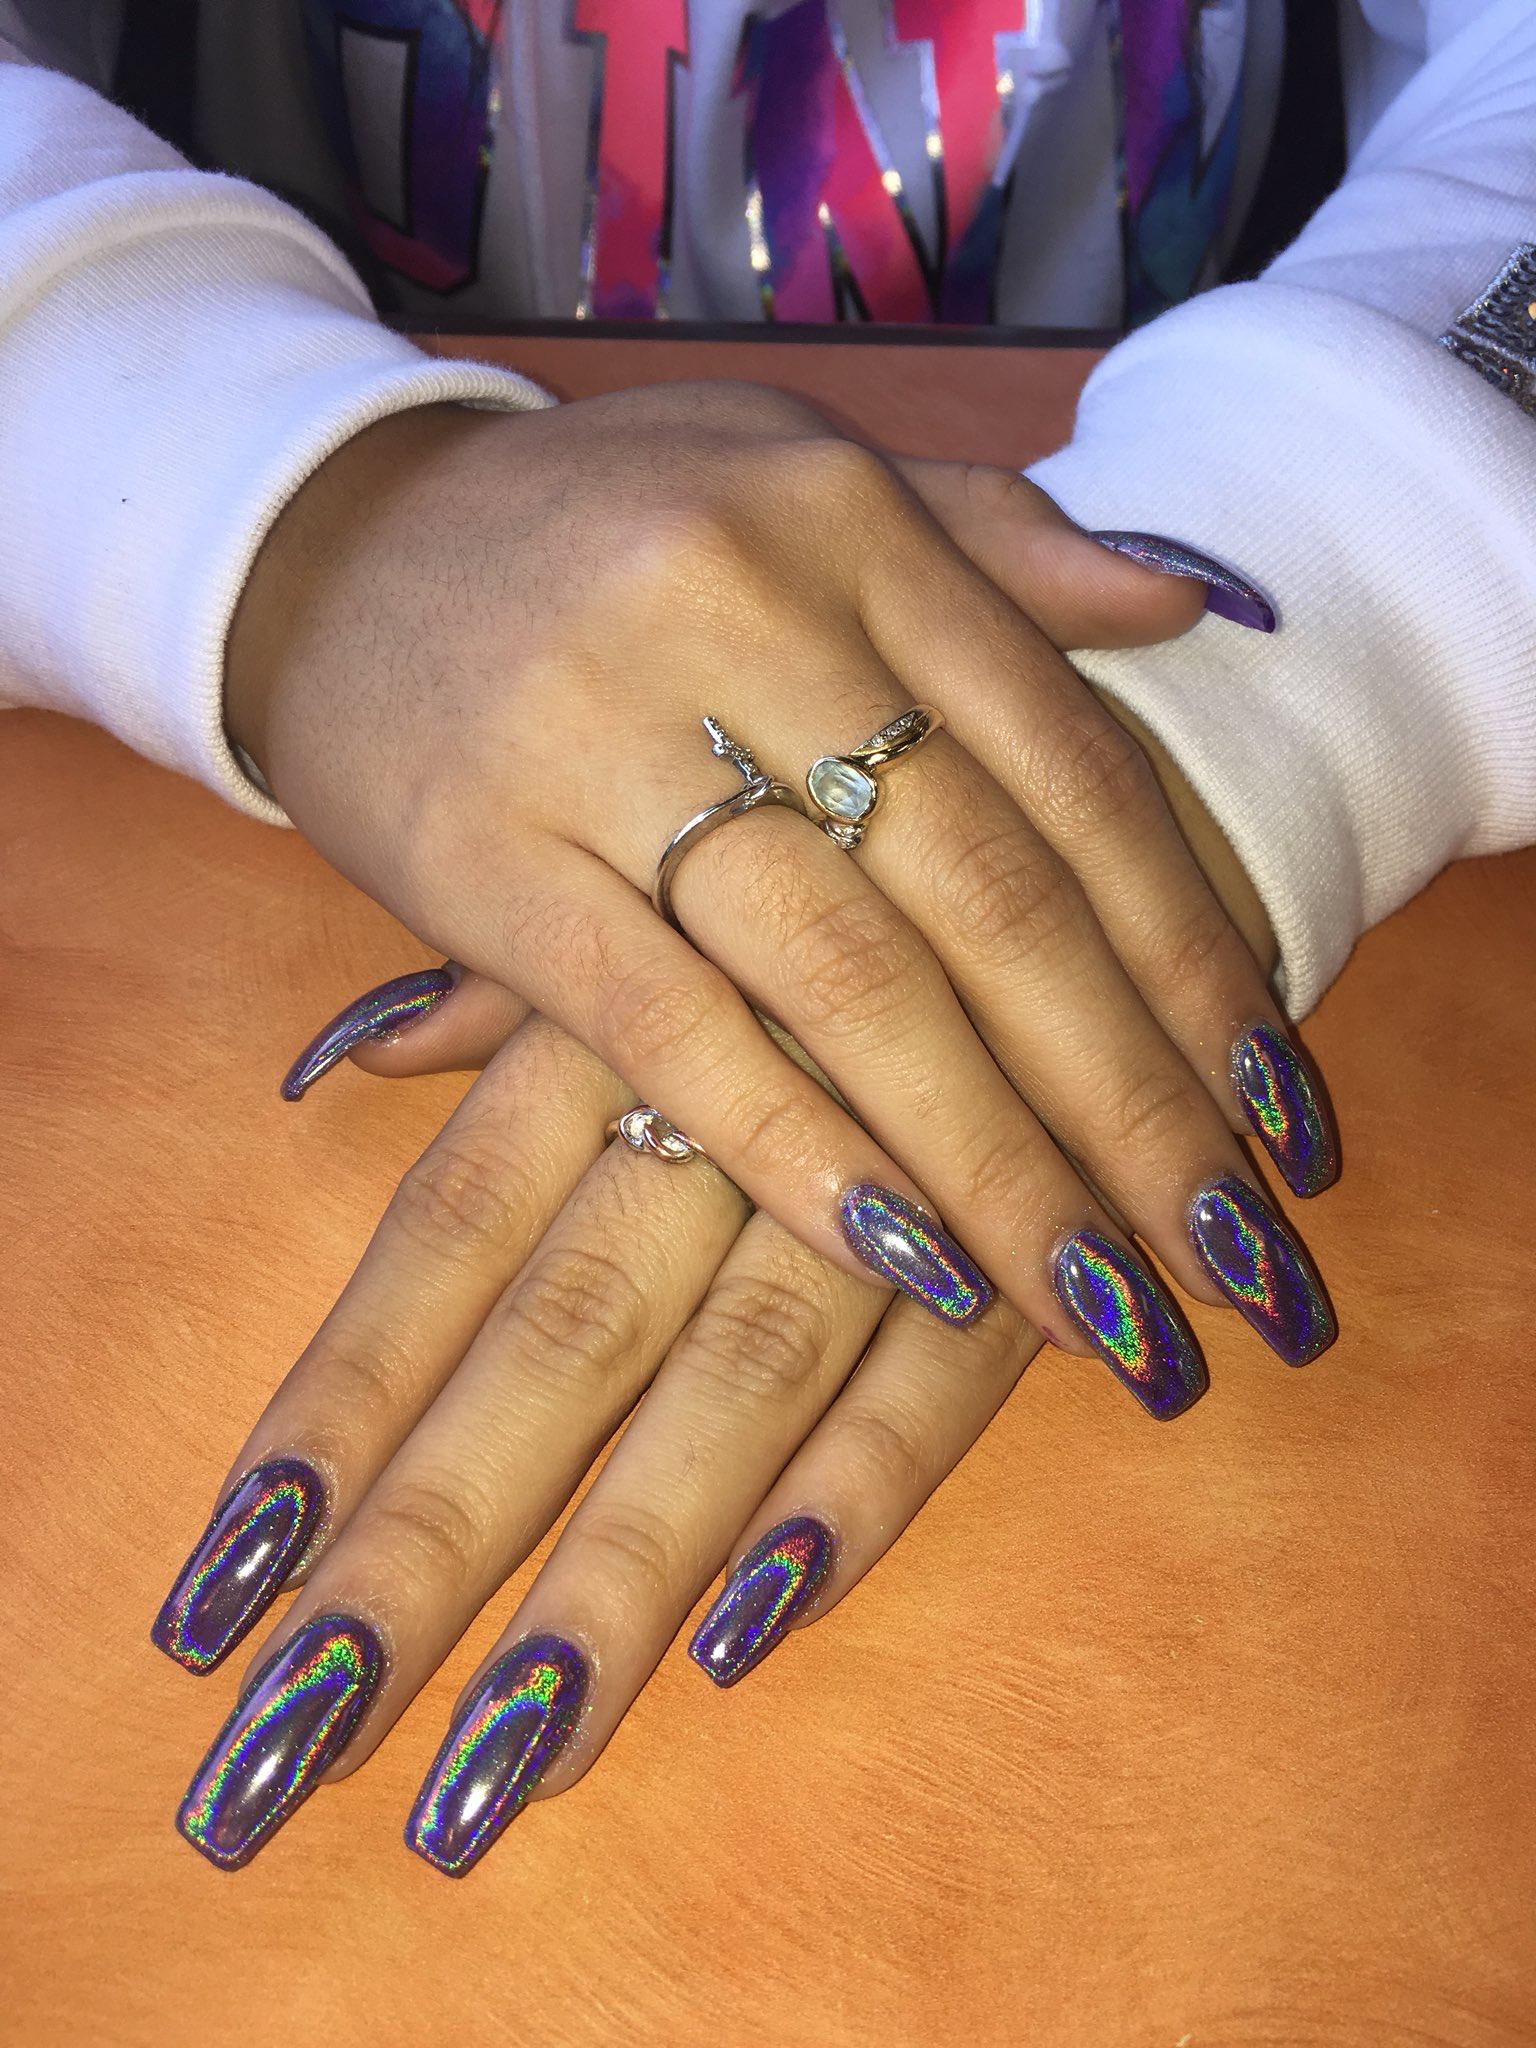 ʟɪʟɢʟᴏɢɪʀʟ | Nails | Pinterest | Nail nail, Makeup and Nail inspo